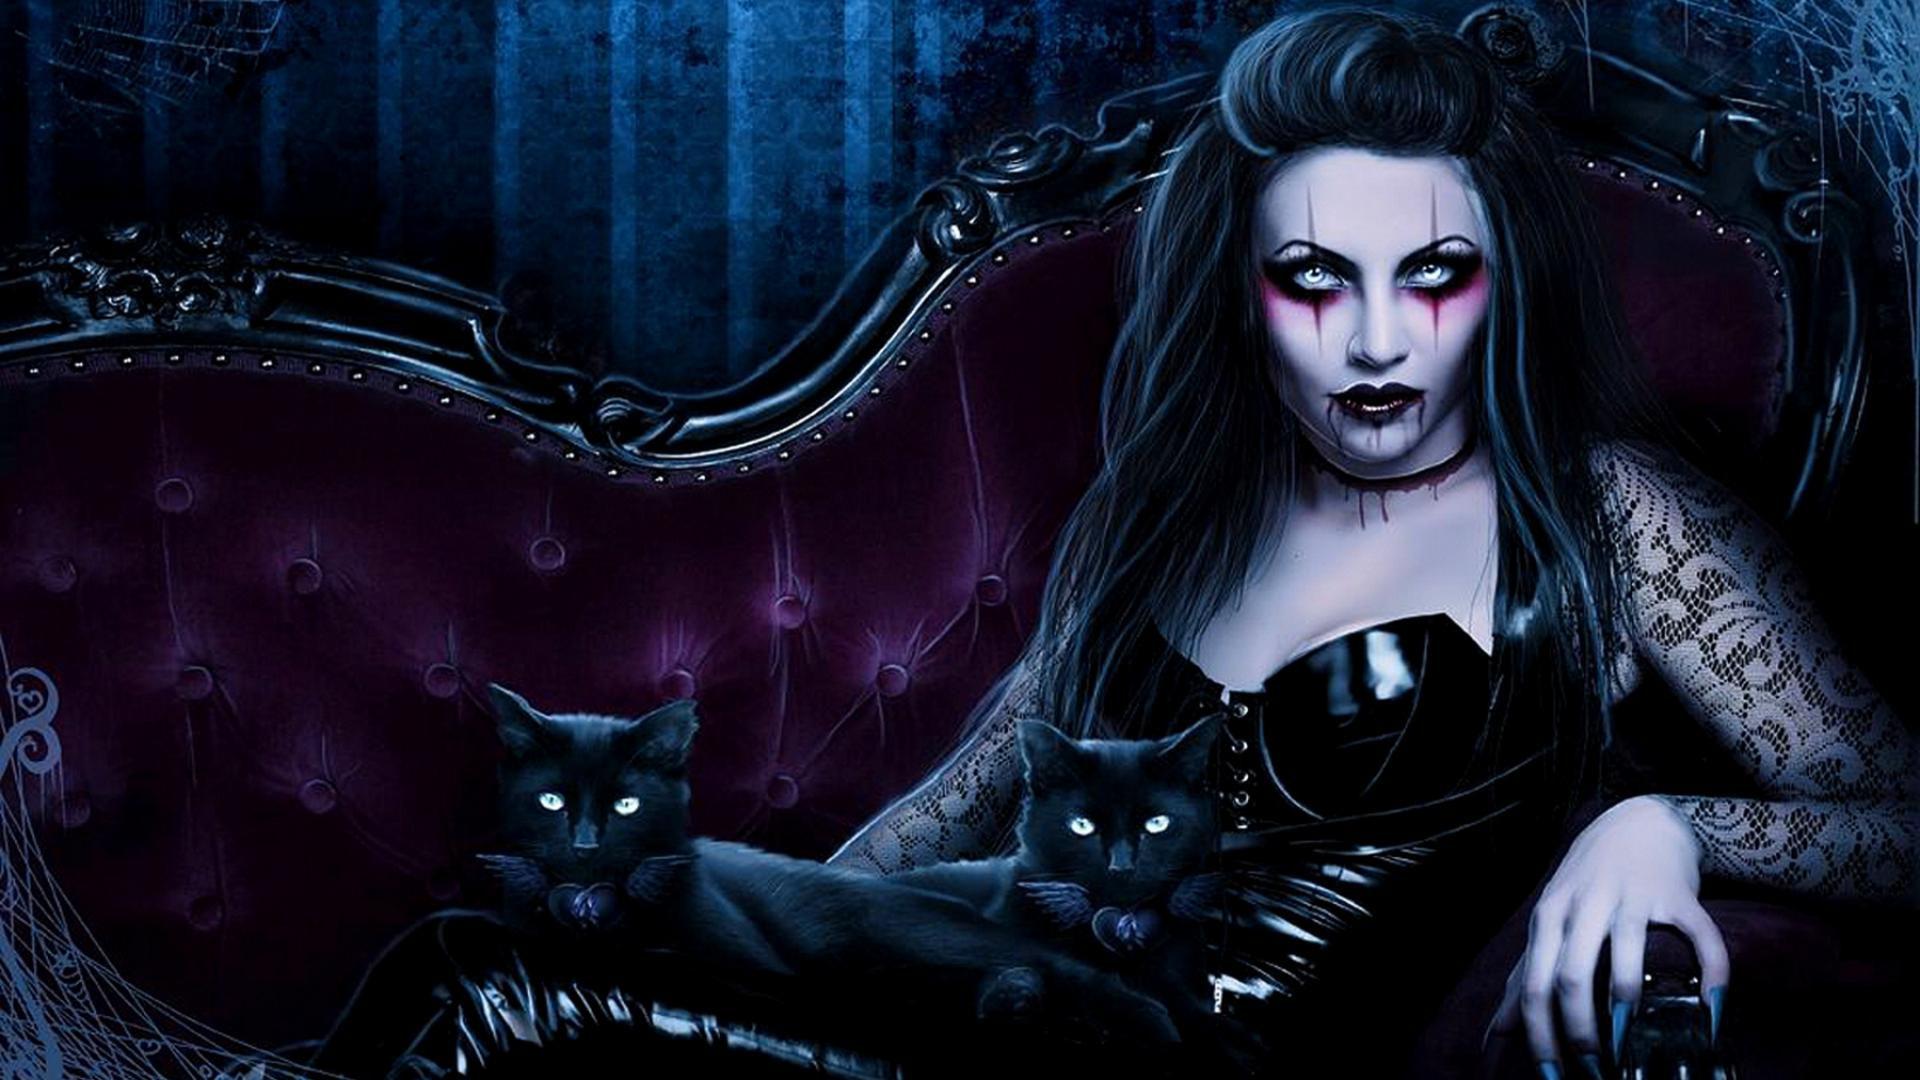 Drawn vampire darkness 1920x1080 horror vampire horror vampire